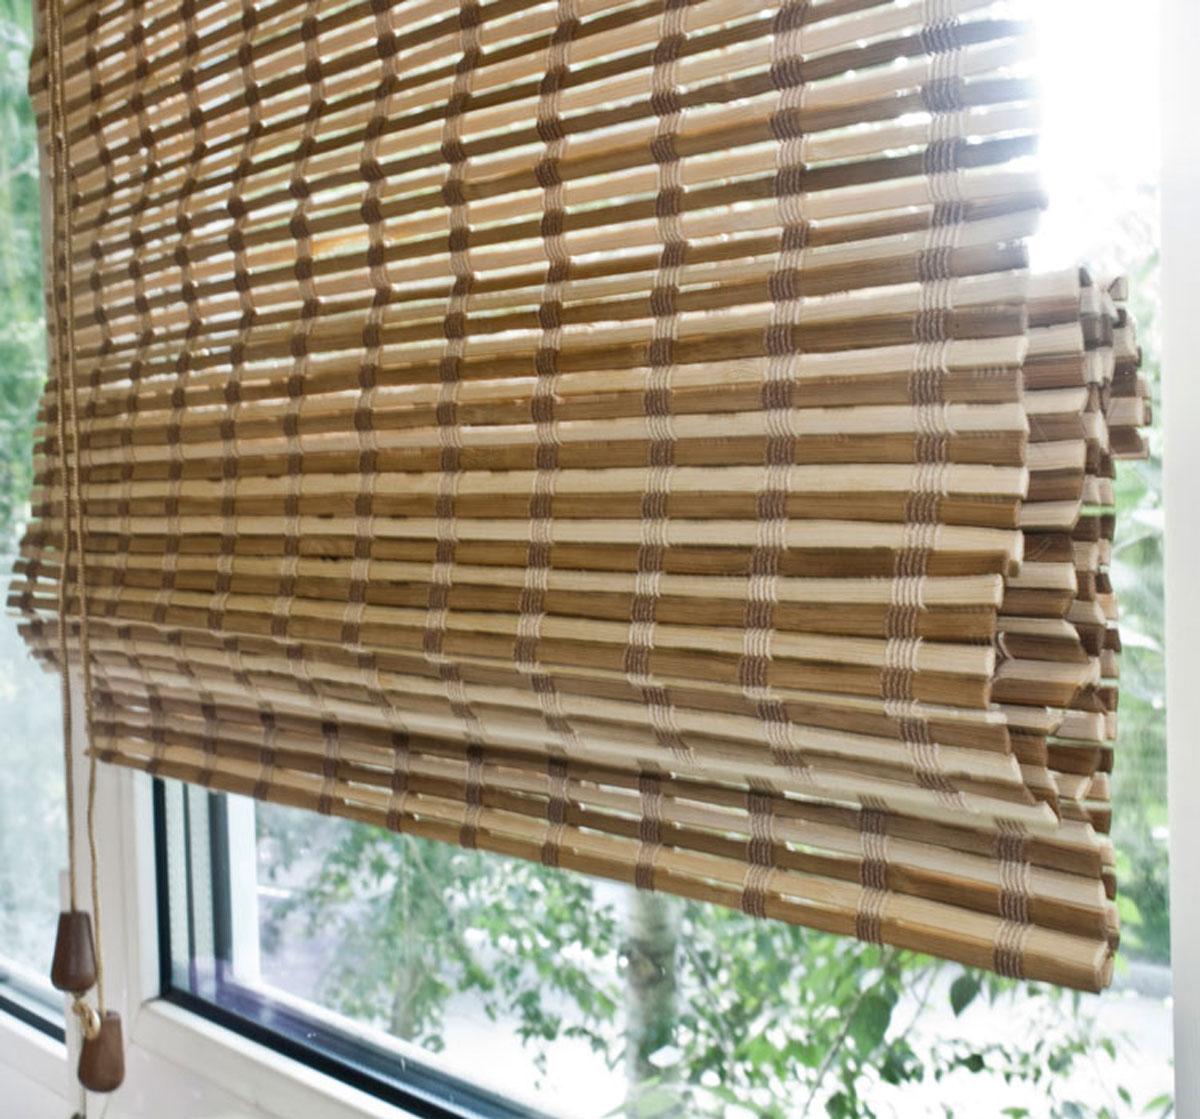 Римская штора Эскар Бамбук, цвет: микс, ширина 80 см, высота 160 см72959080160Римская штора Эскар, выполненная из натурального бамбука, является оригинальным современным аксессуаром для создания необычного интерьера в восточном или минималистичном стиле.Римская бамбуковая штора, как и тканевая римская штора, при поднятии образует крупные складки, которые прекрасно декорируют окно. Особенность устройства полотна позволяет свободно пропускать дневной свет, что обеспечивает мягкое освещение комнаты. Римская штора из натурального влагоустойчивого материала легко вписывается в любой интерьер, хорошо сочетается с различной мебелью и элементами отделки. Использование бамбукового полотна придает помещению необычный вид и визуально расширяет пространство. Бамбуковые шторы требуют только сухого ухода: пылесосом, щеткой, веником или влажной (но не мокрой!) губкой. Комплект для монтажа прилагается.